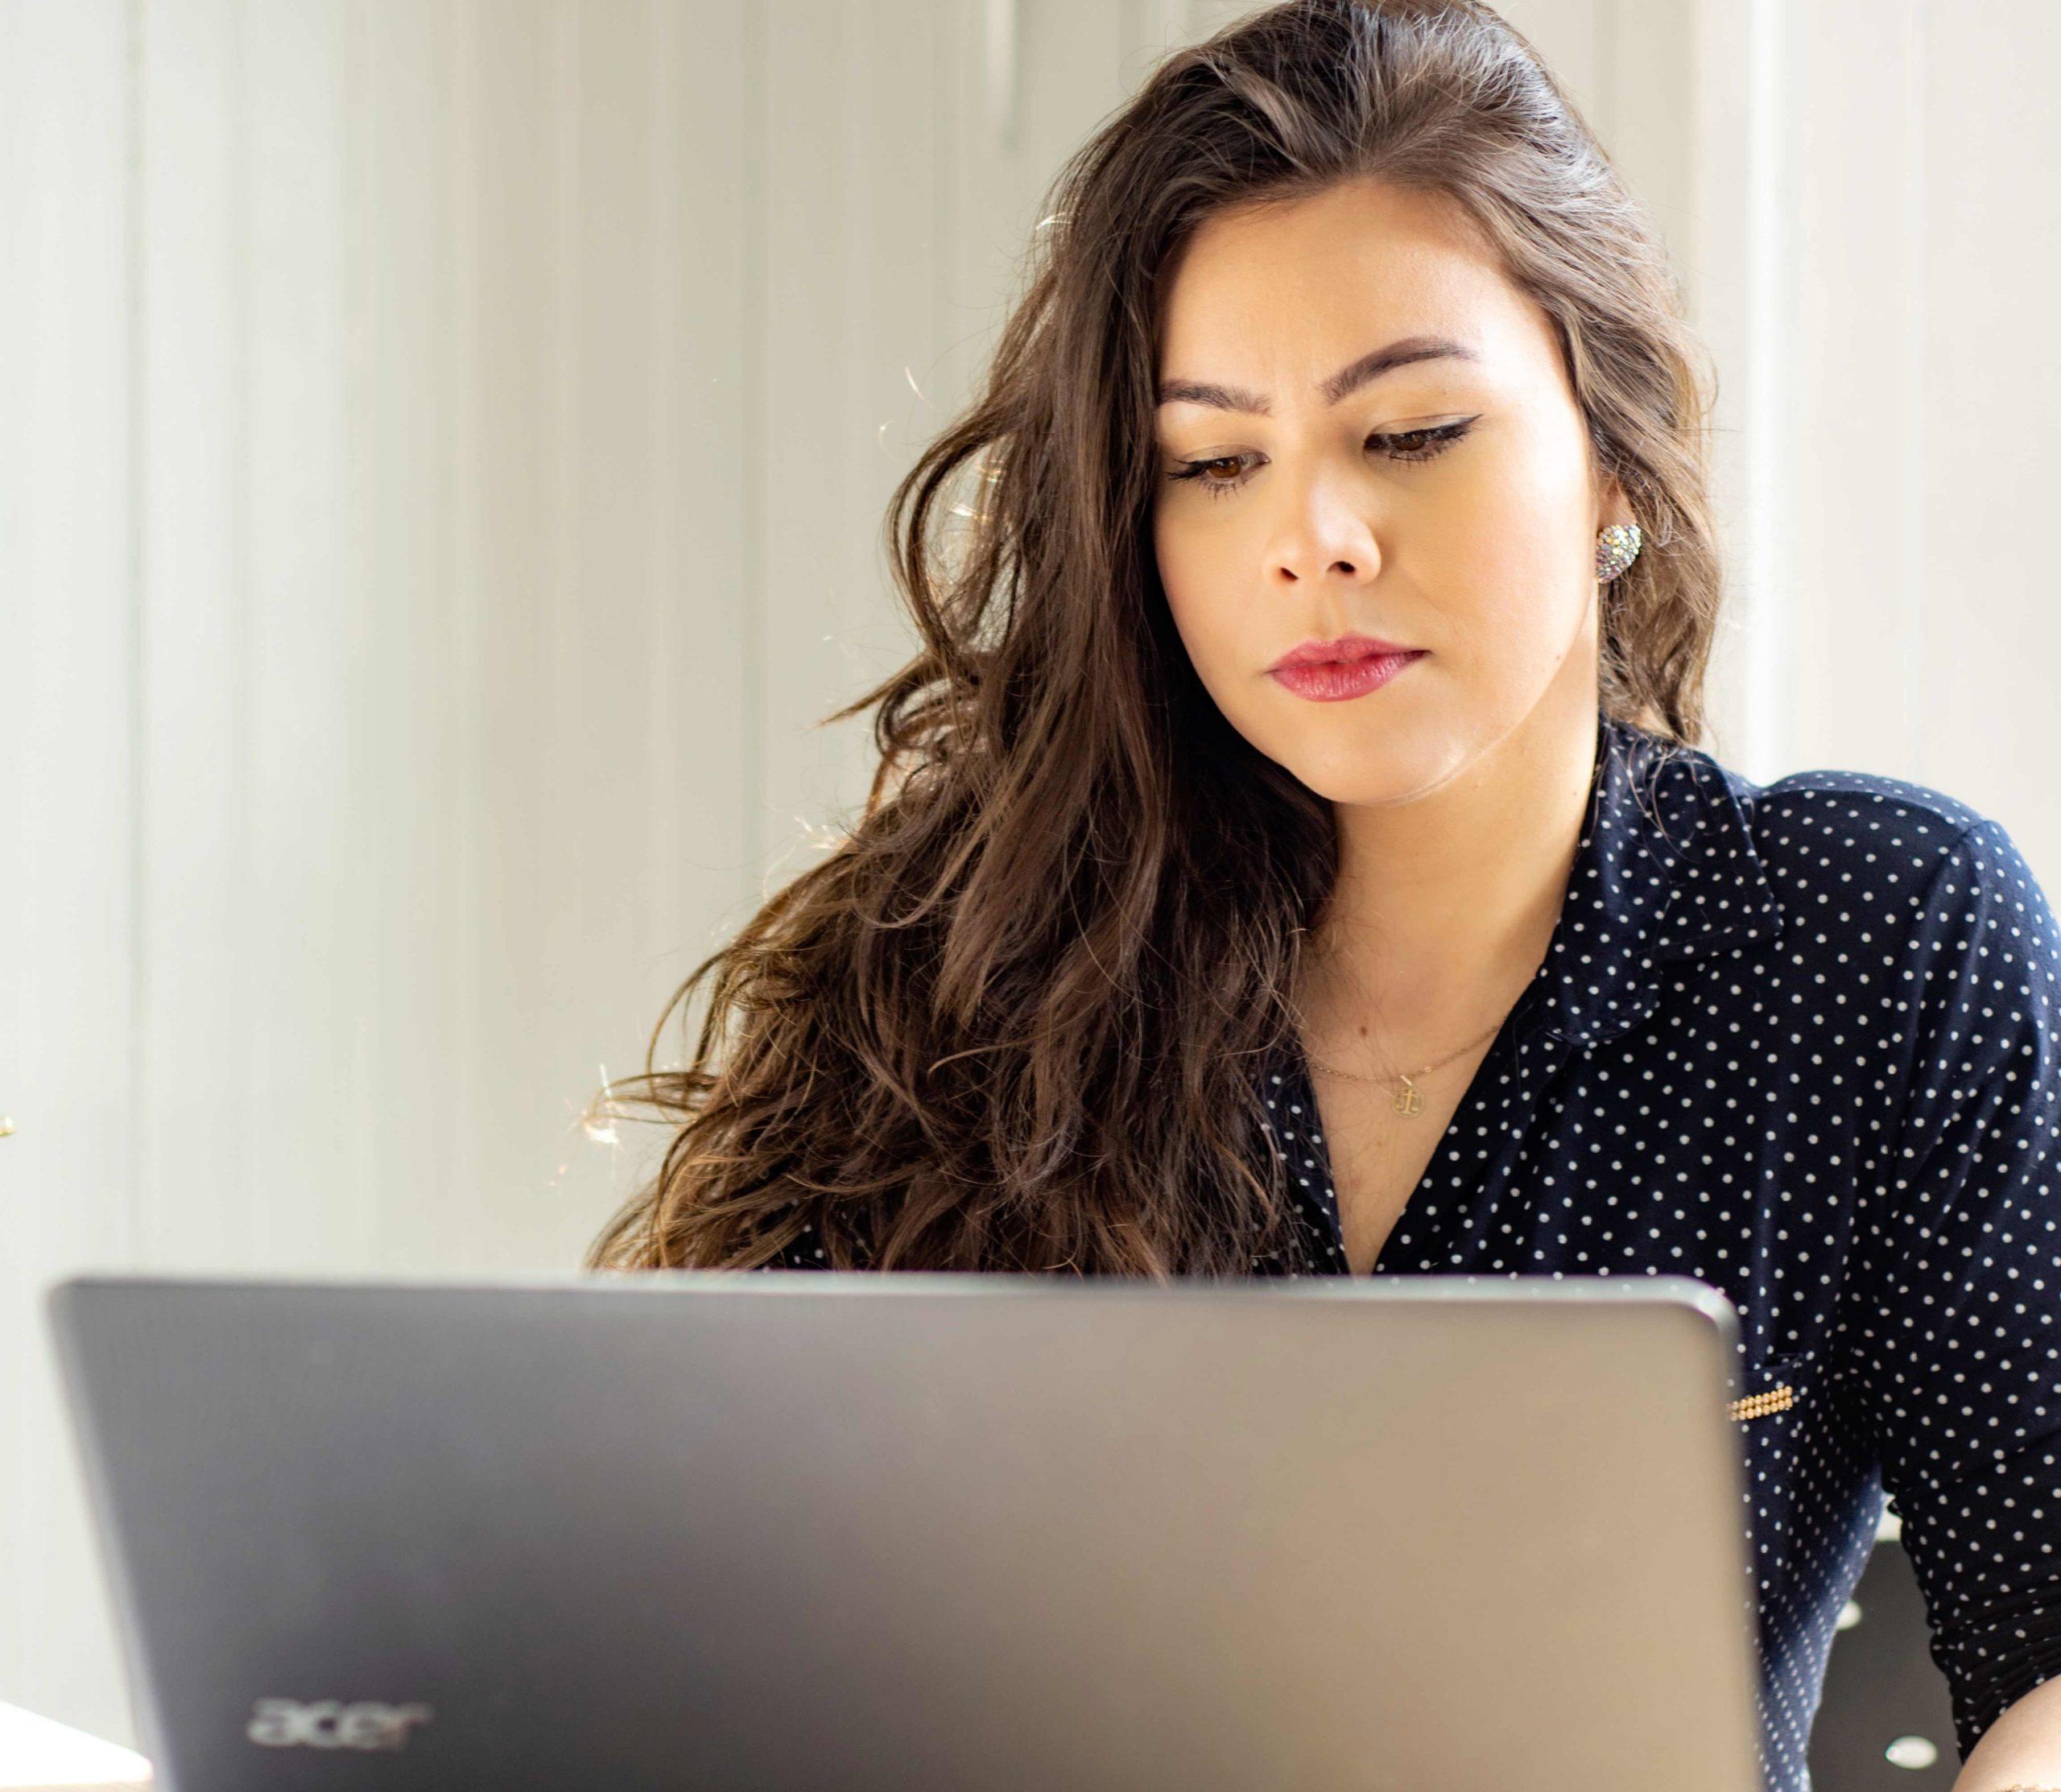 jeune femme sur son ordinateur portable professionnel